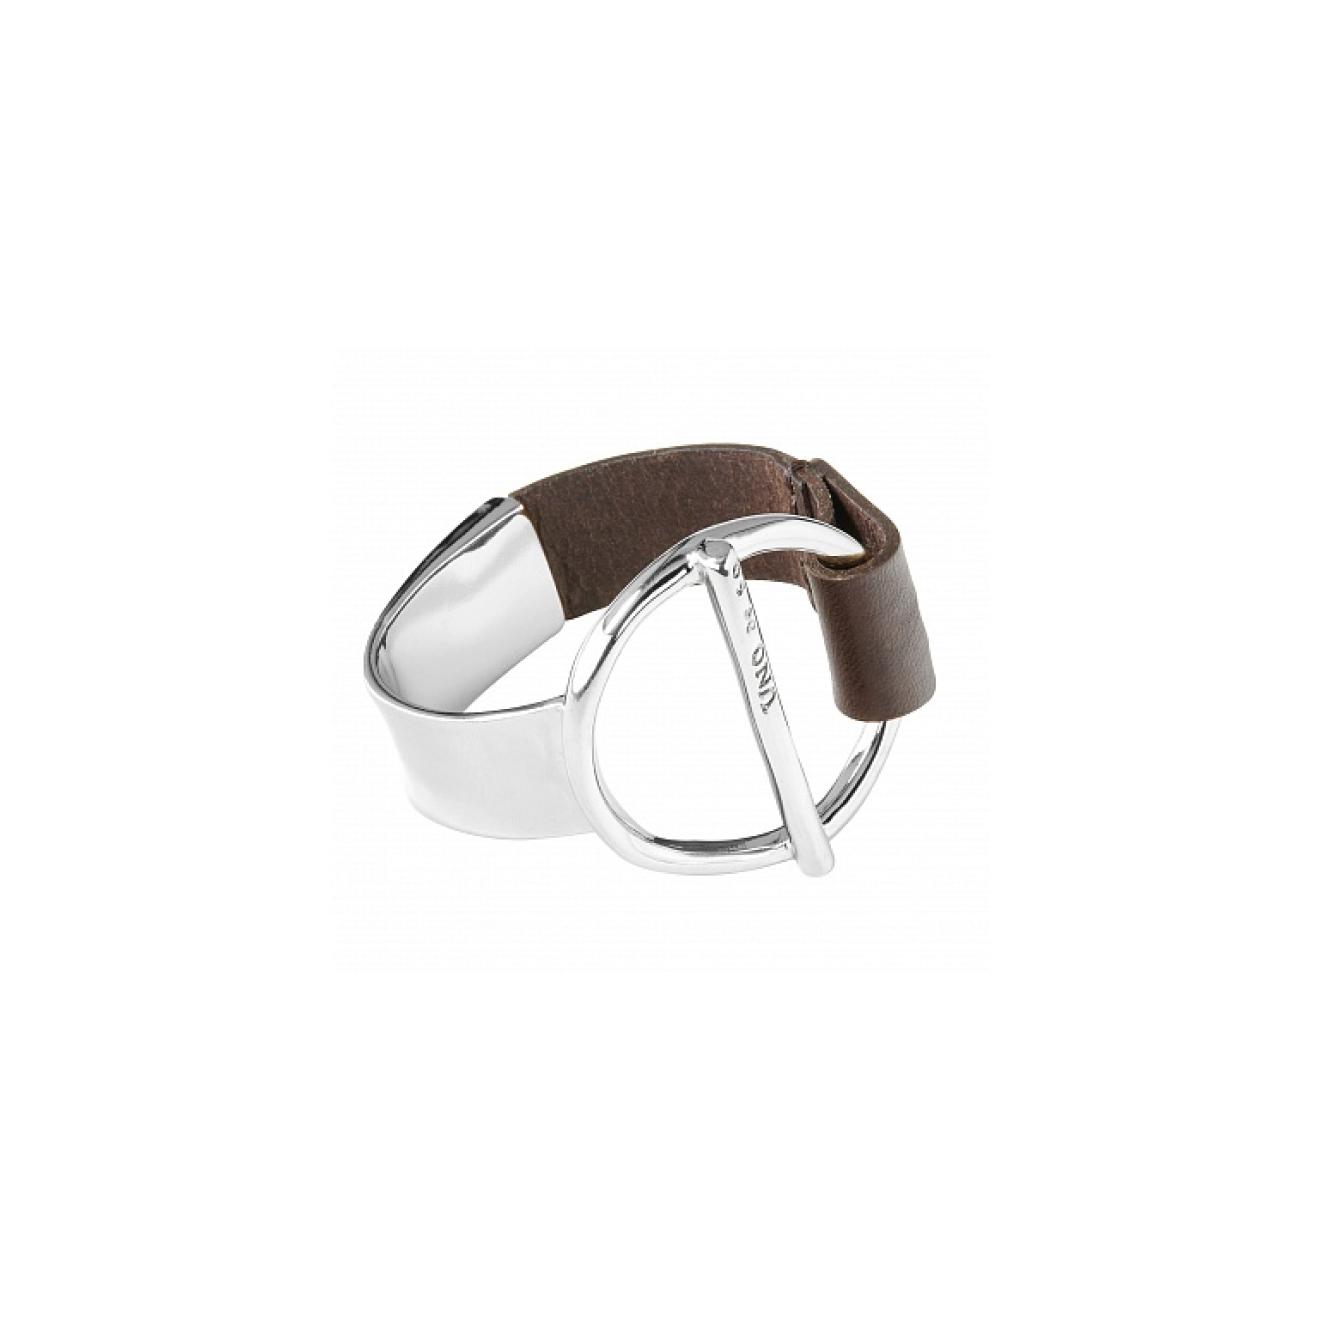 Unode50 Покрытый серебром браслет Switch on, из коллекции China